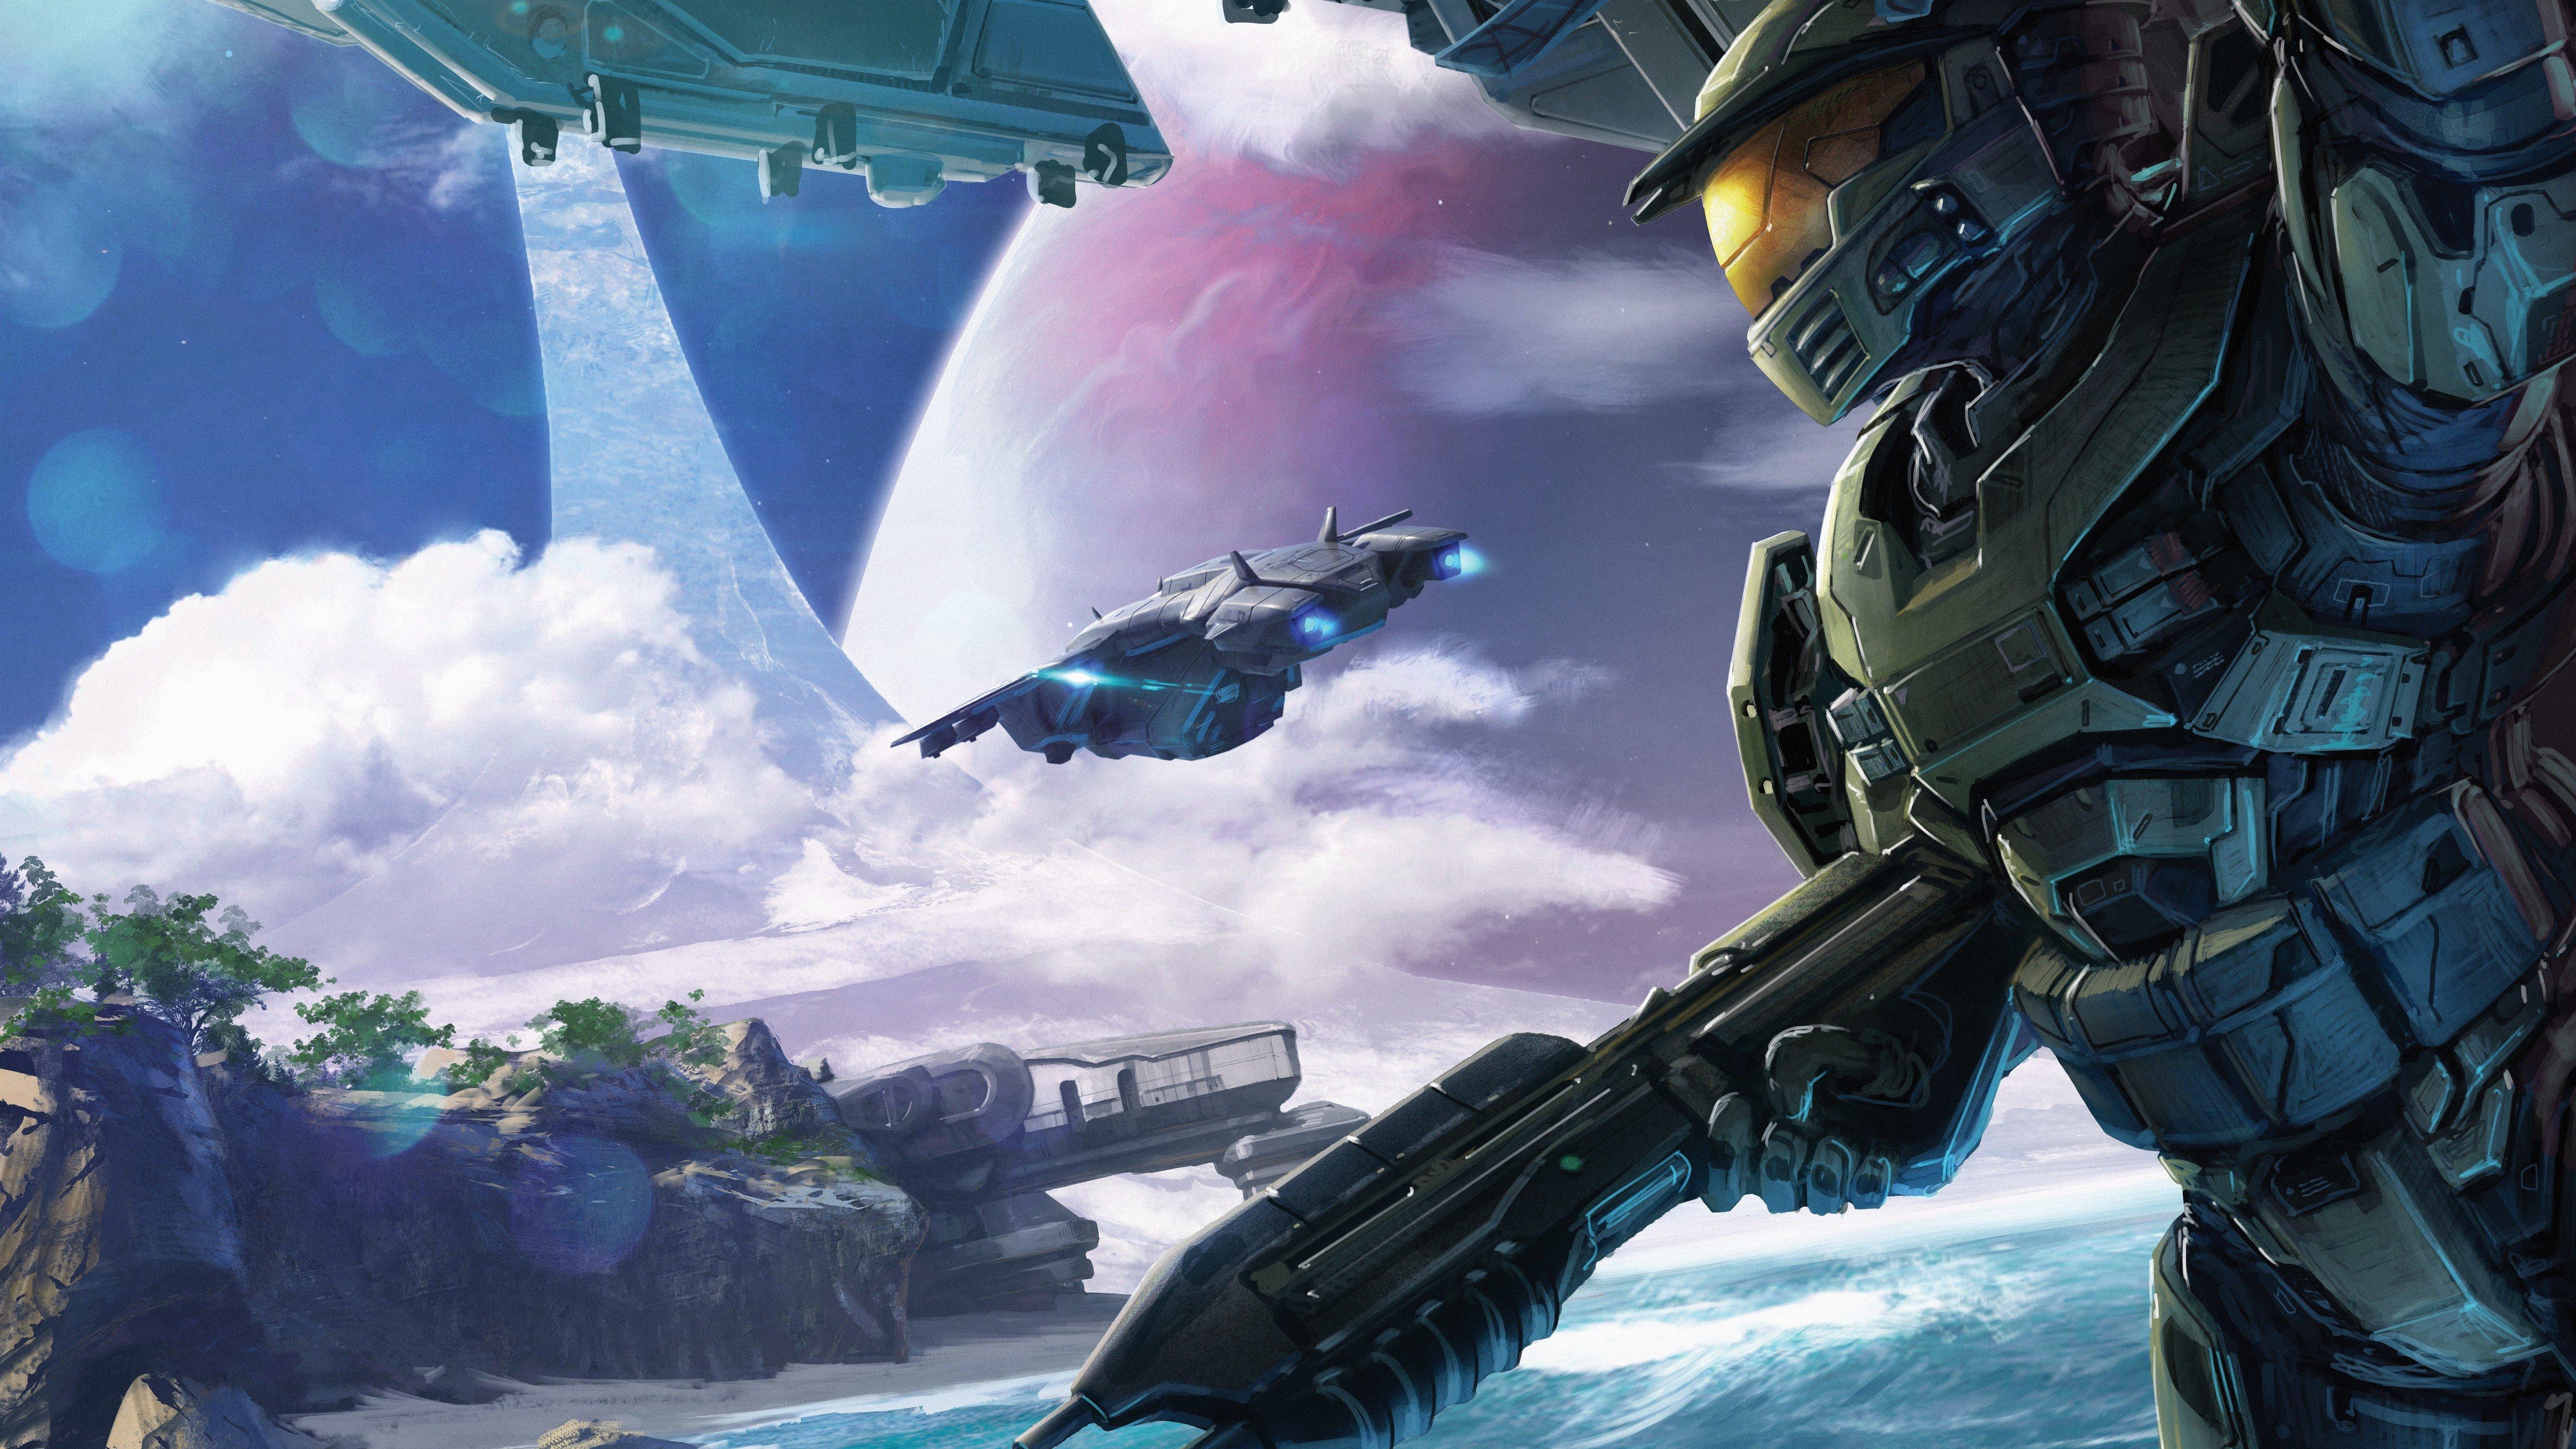 Fondos de pantalla Halo Conflict Artwork